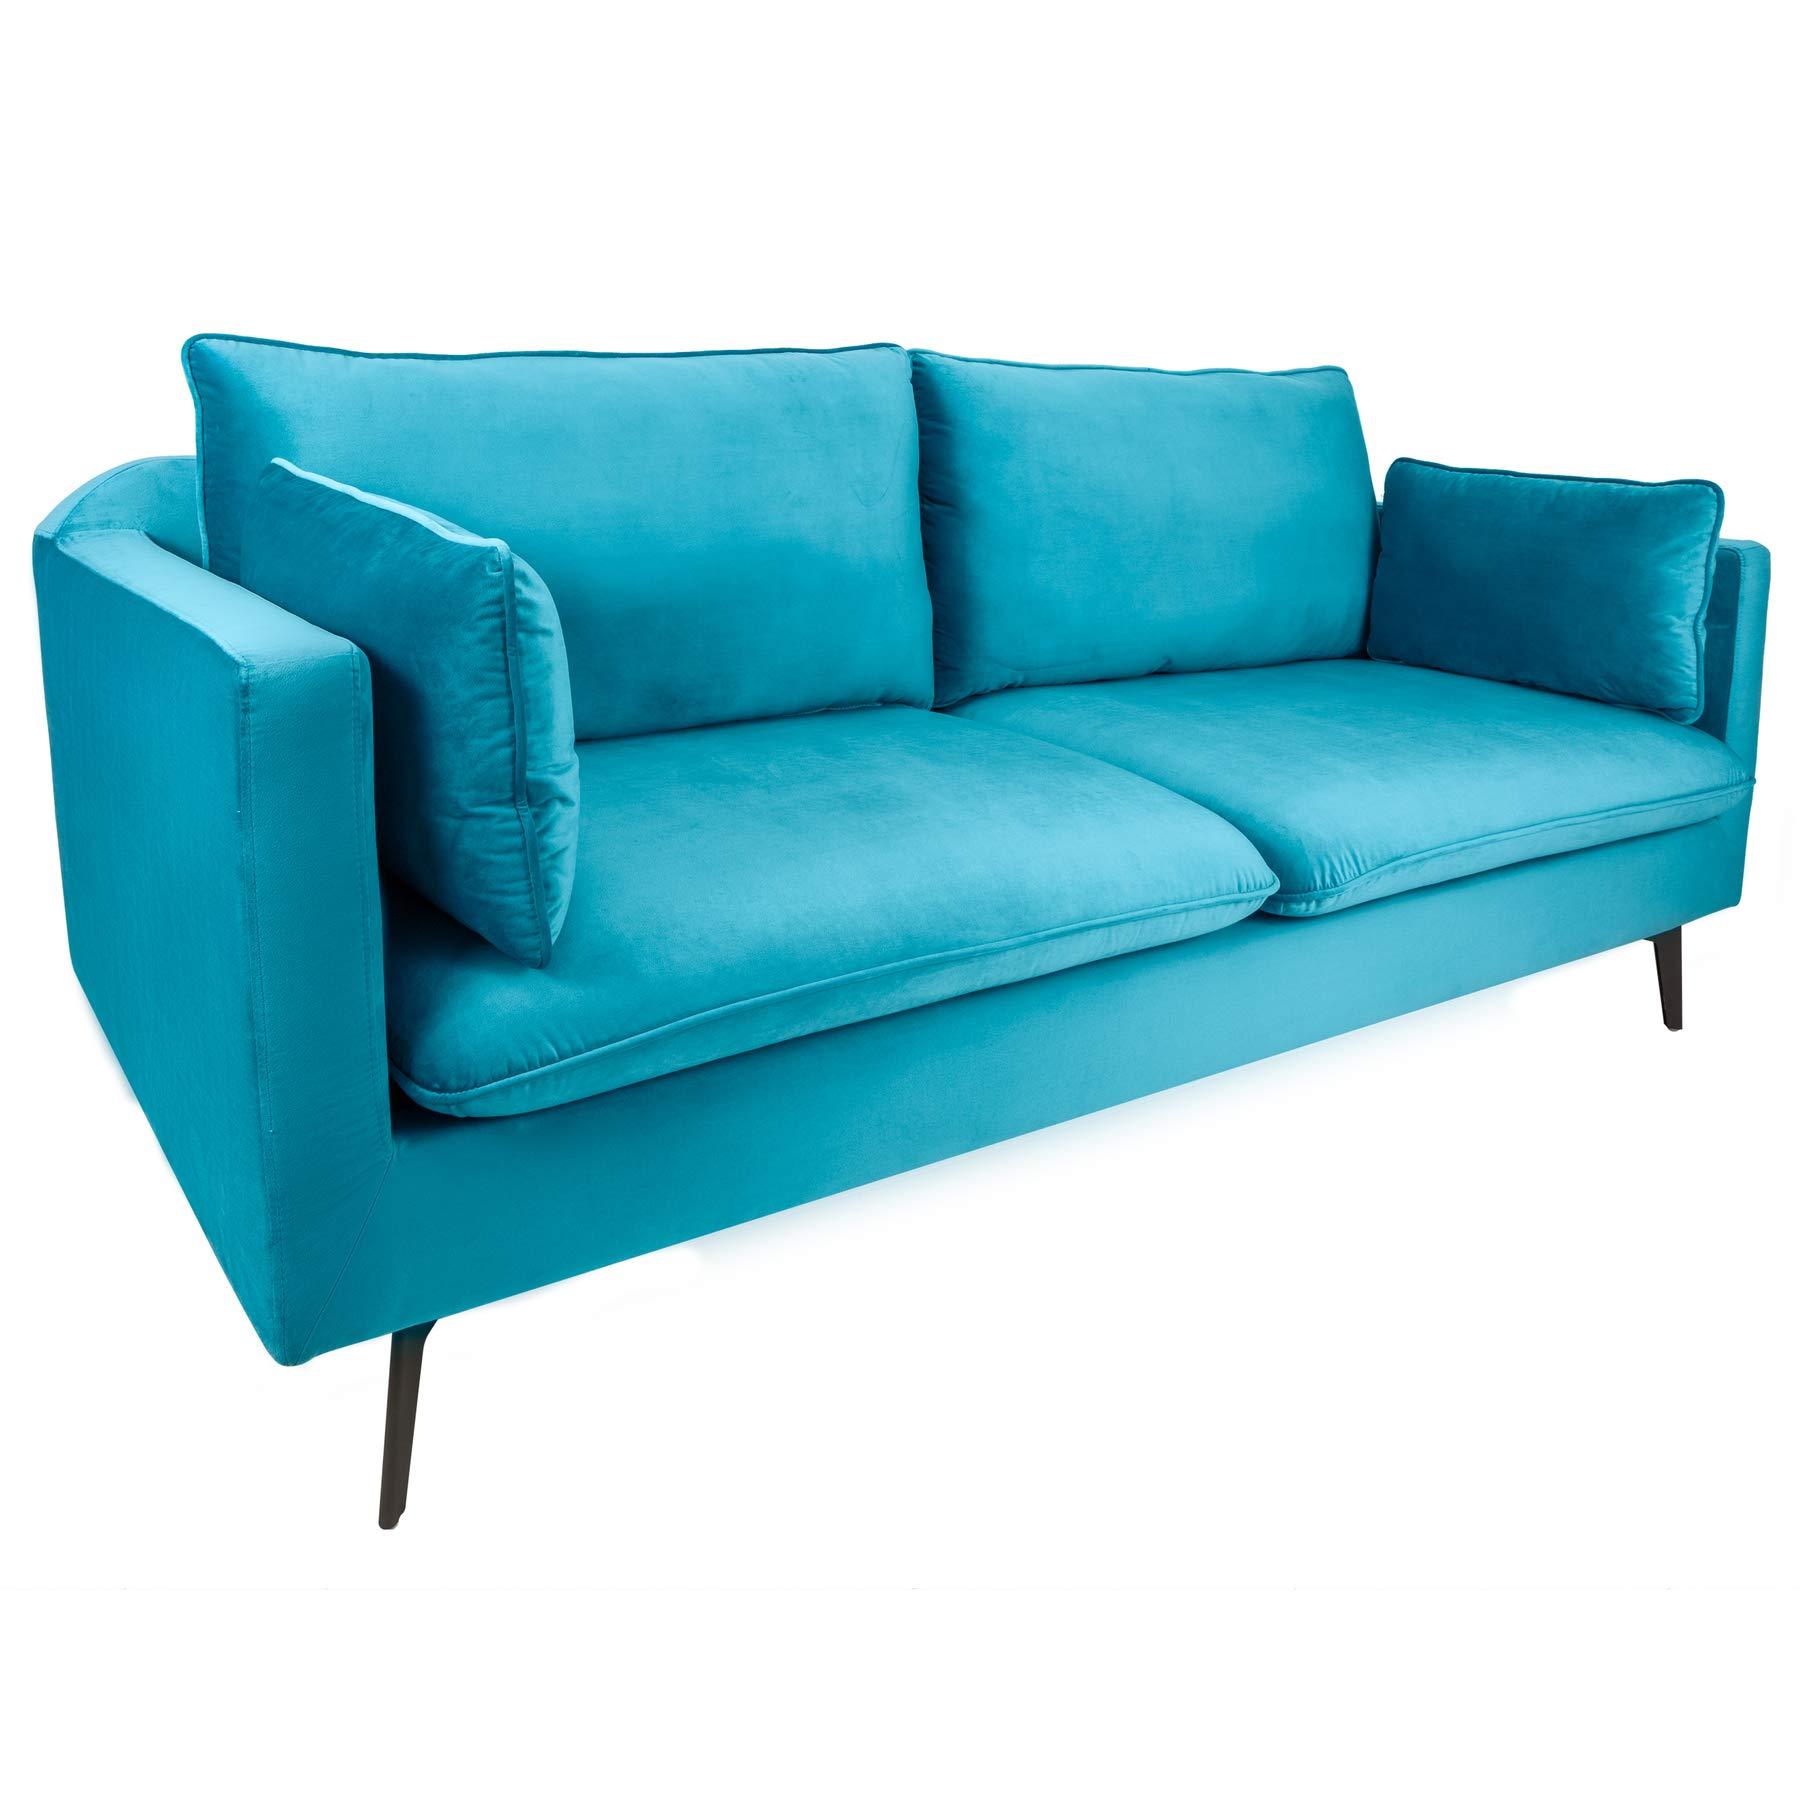 Full Size of Federkern Sofa Selbst Reparieren Mit Oder Schaumstoff Poco Couch Pur Schaum Schlaffunktion Riess Ambiente Design 3er Famous Aqua Blau 210cm Samt Großes Sofa Sofa Federkern